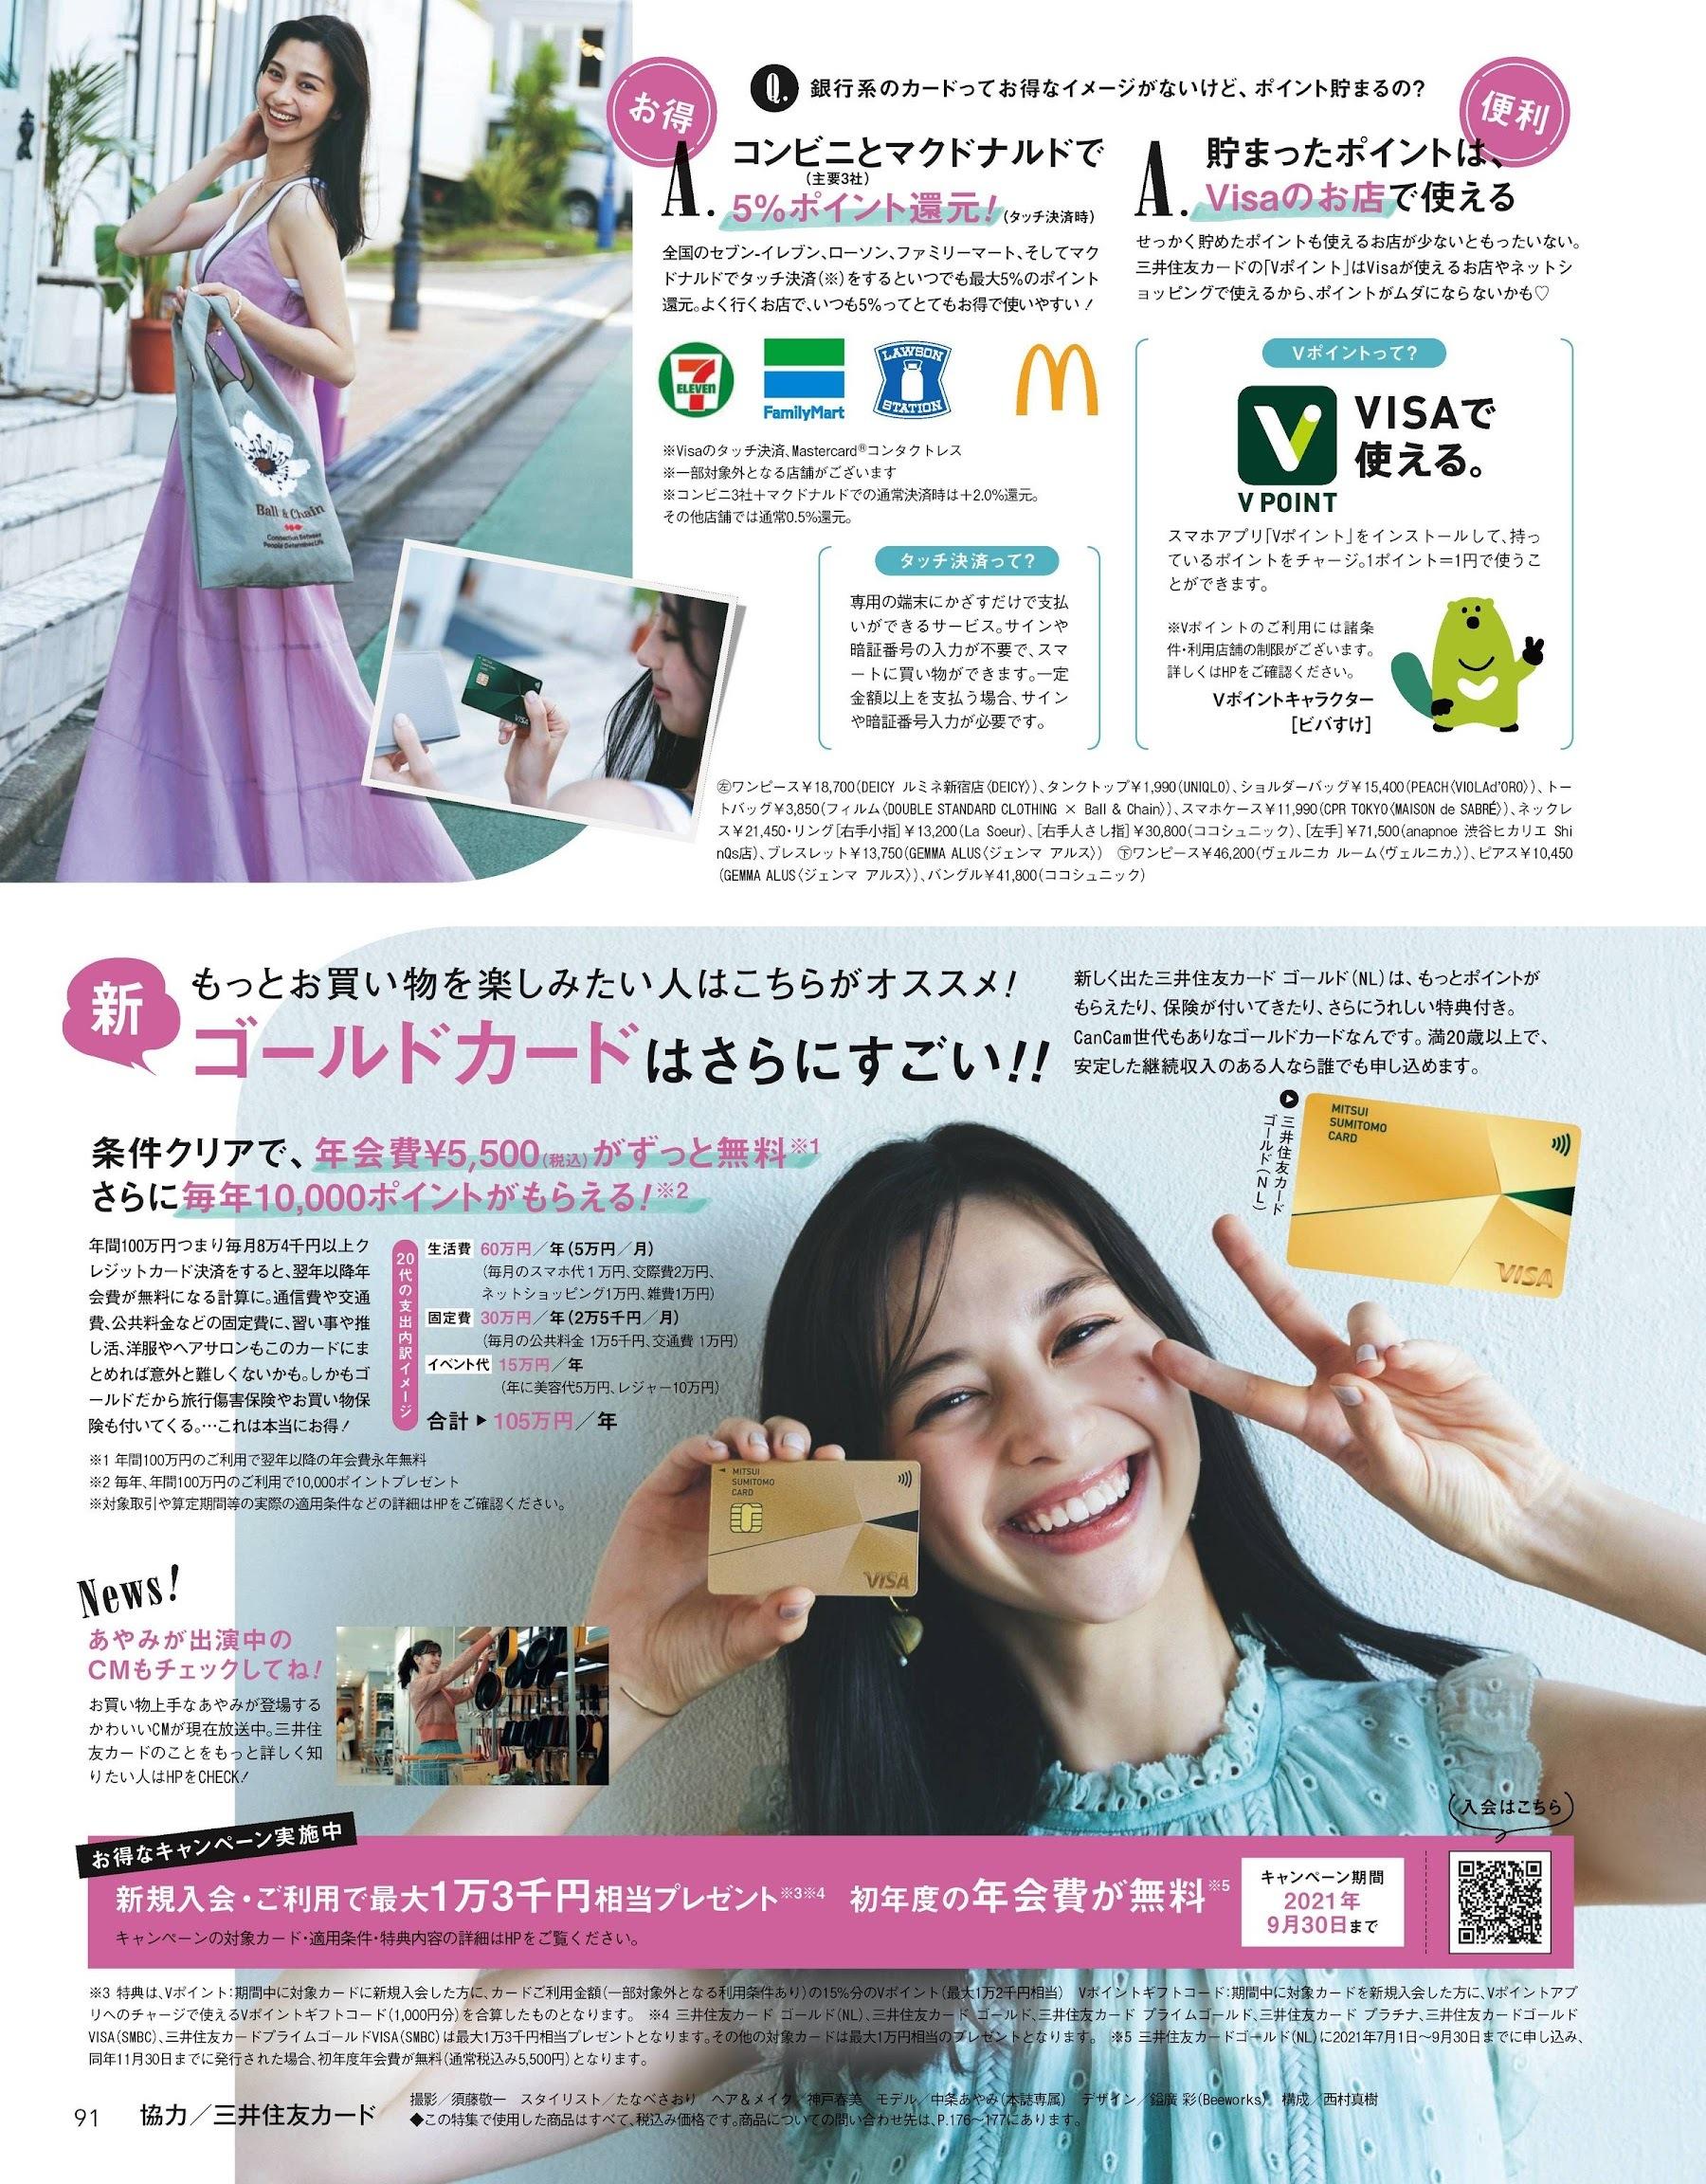 中条彩未 石川恋-CANCAM 2021.09 REN & AYAMI STARRING RETRO SUMMER DREAMS  高清套图 第11张